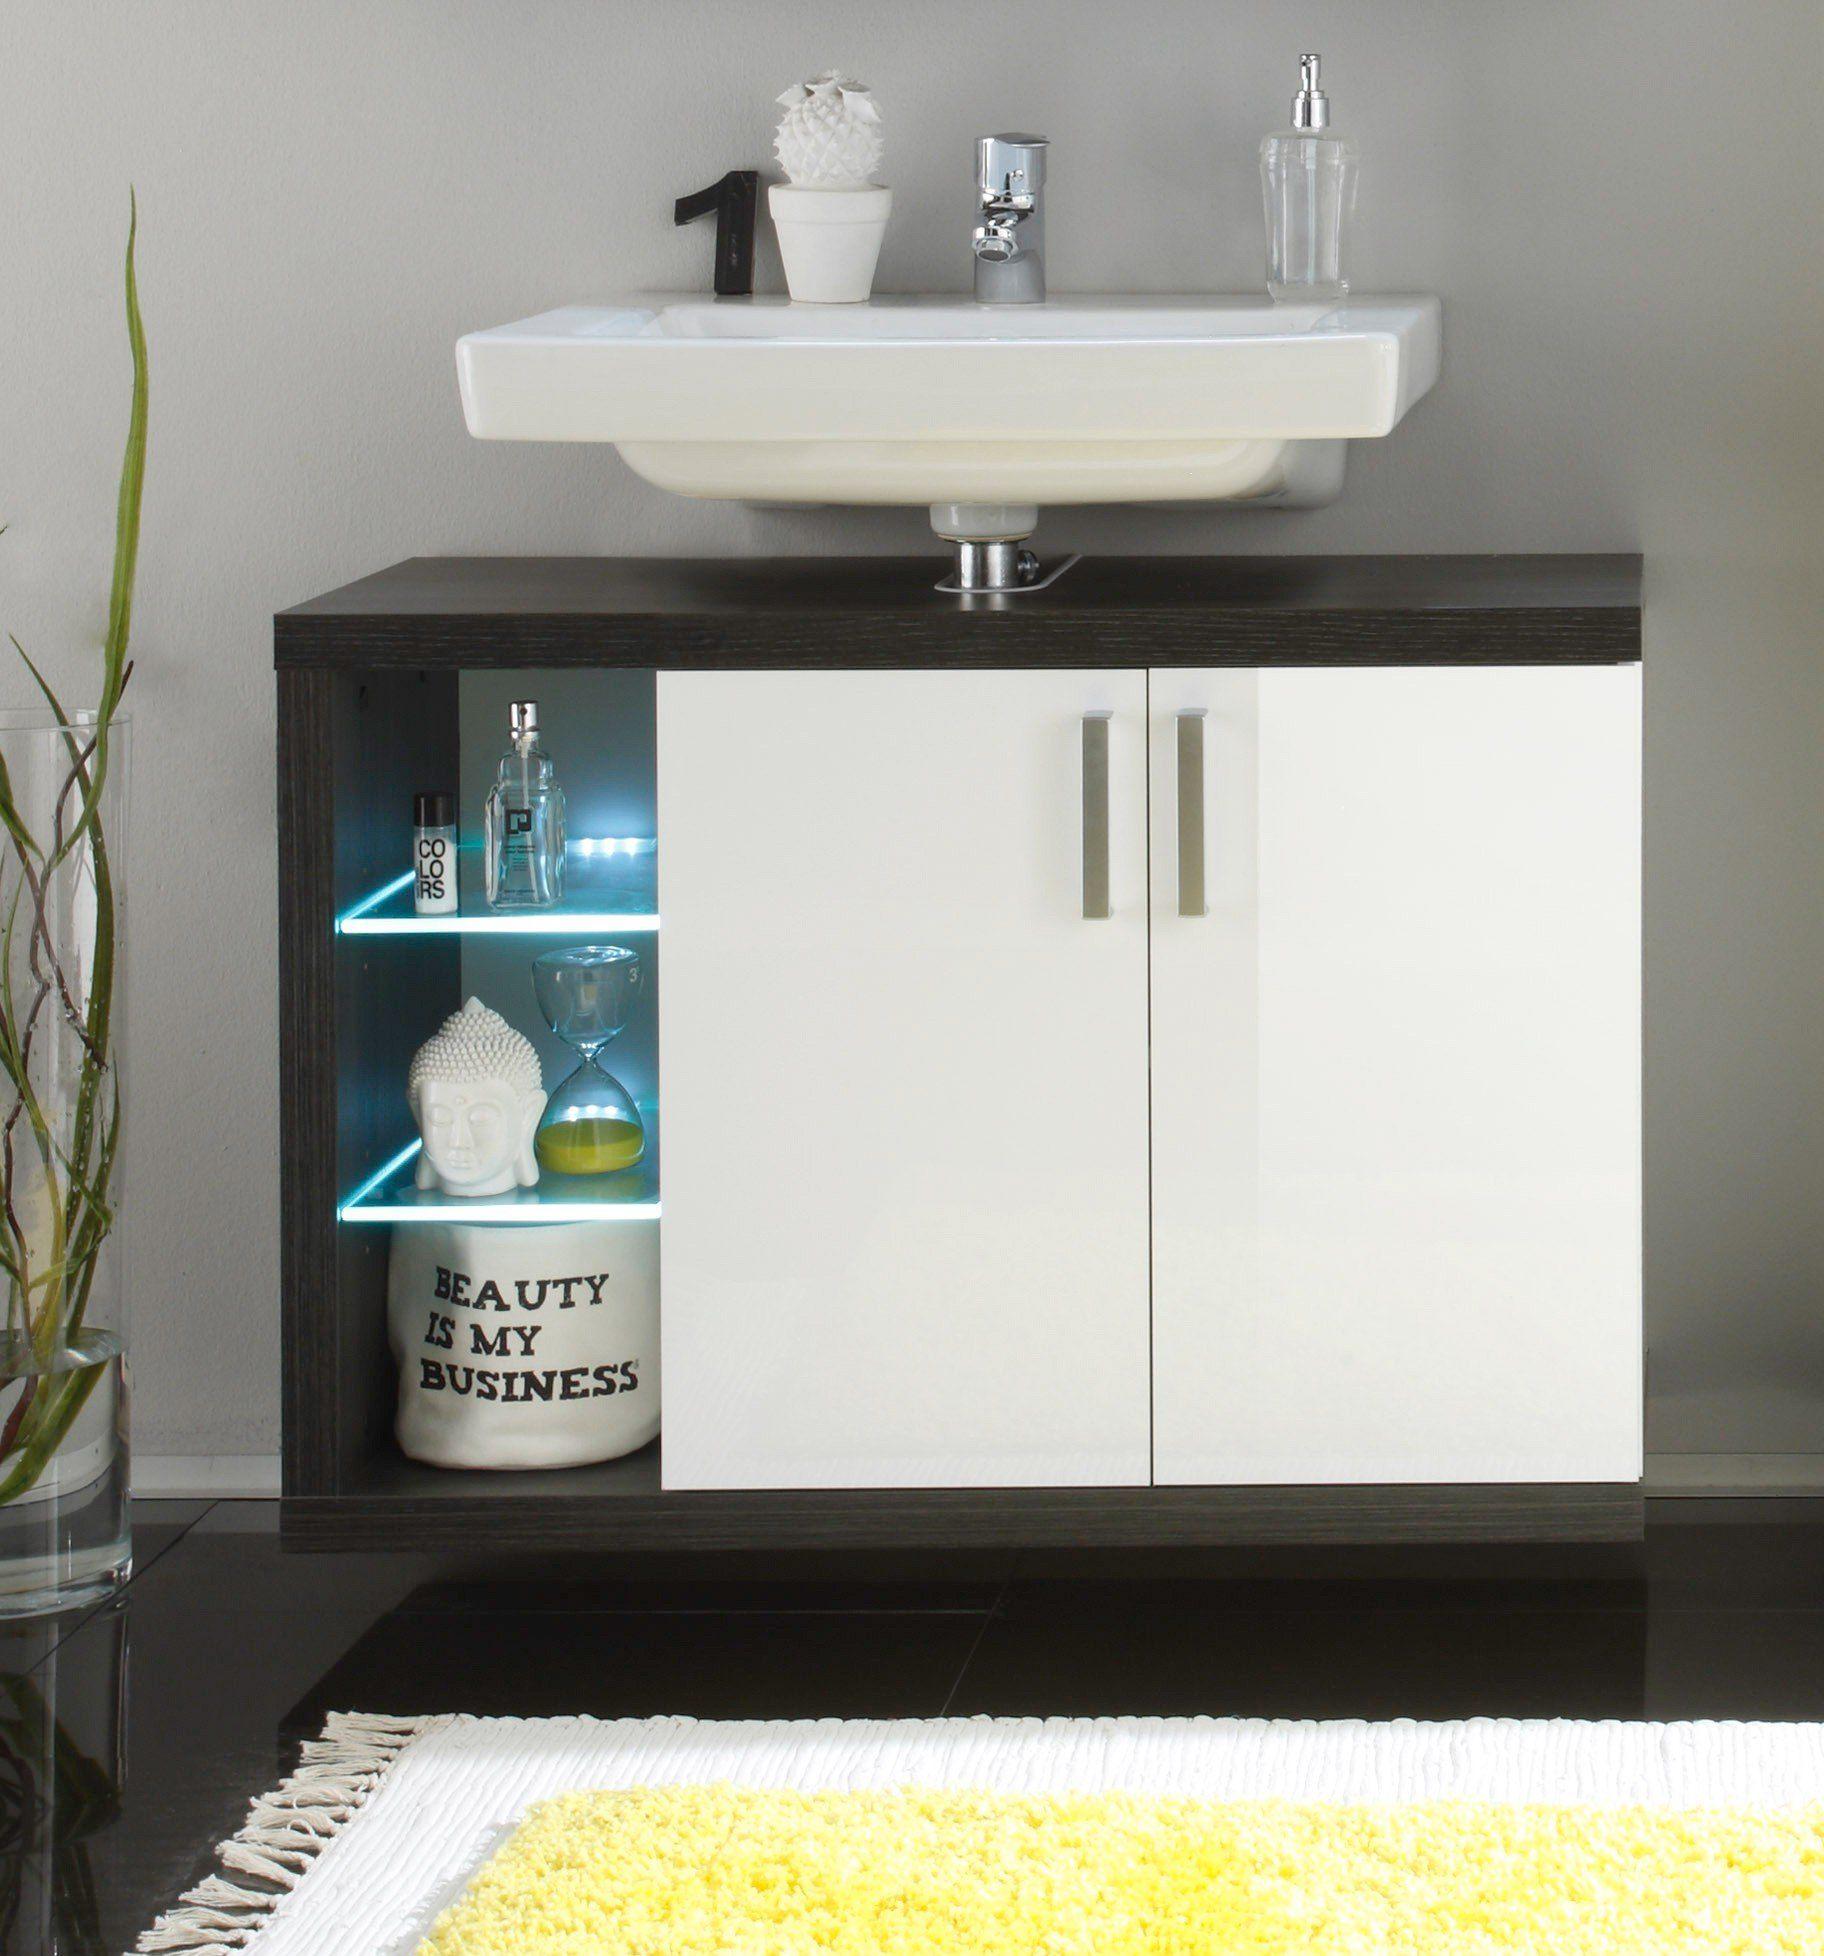 Meubles sous Lavabo Ikea Frais Photographie Meuble sous Vasque Ikea Magnifique Résultat Supérieur 50 Beau Vasque